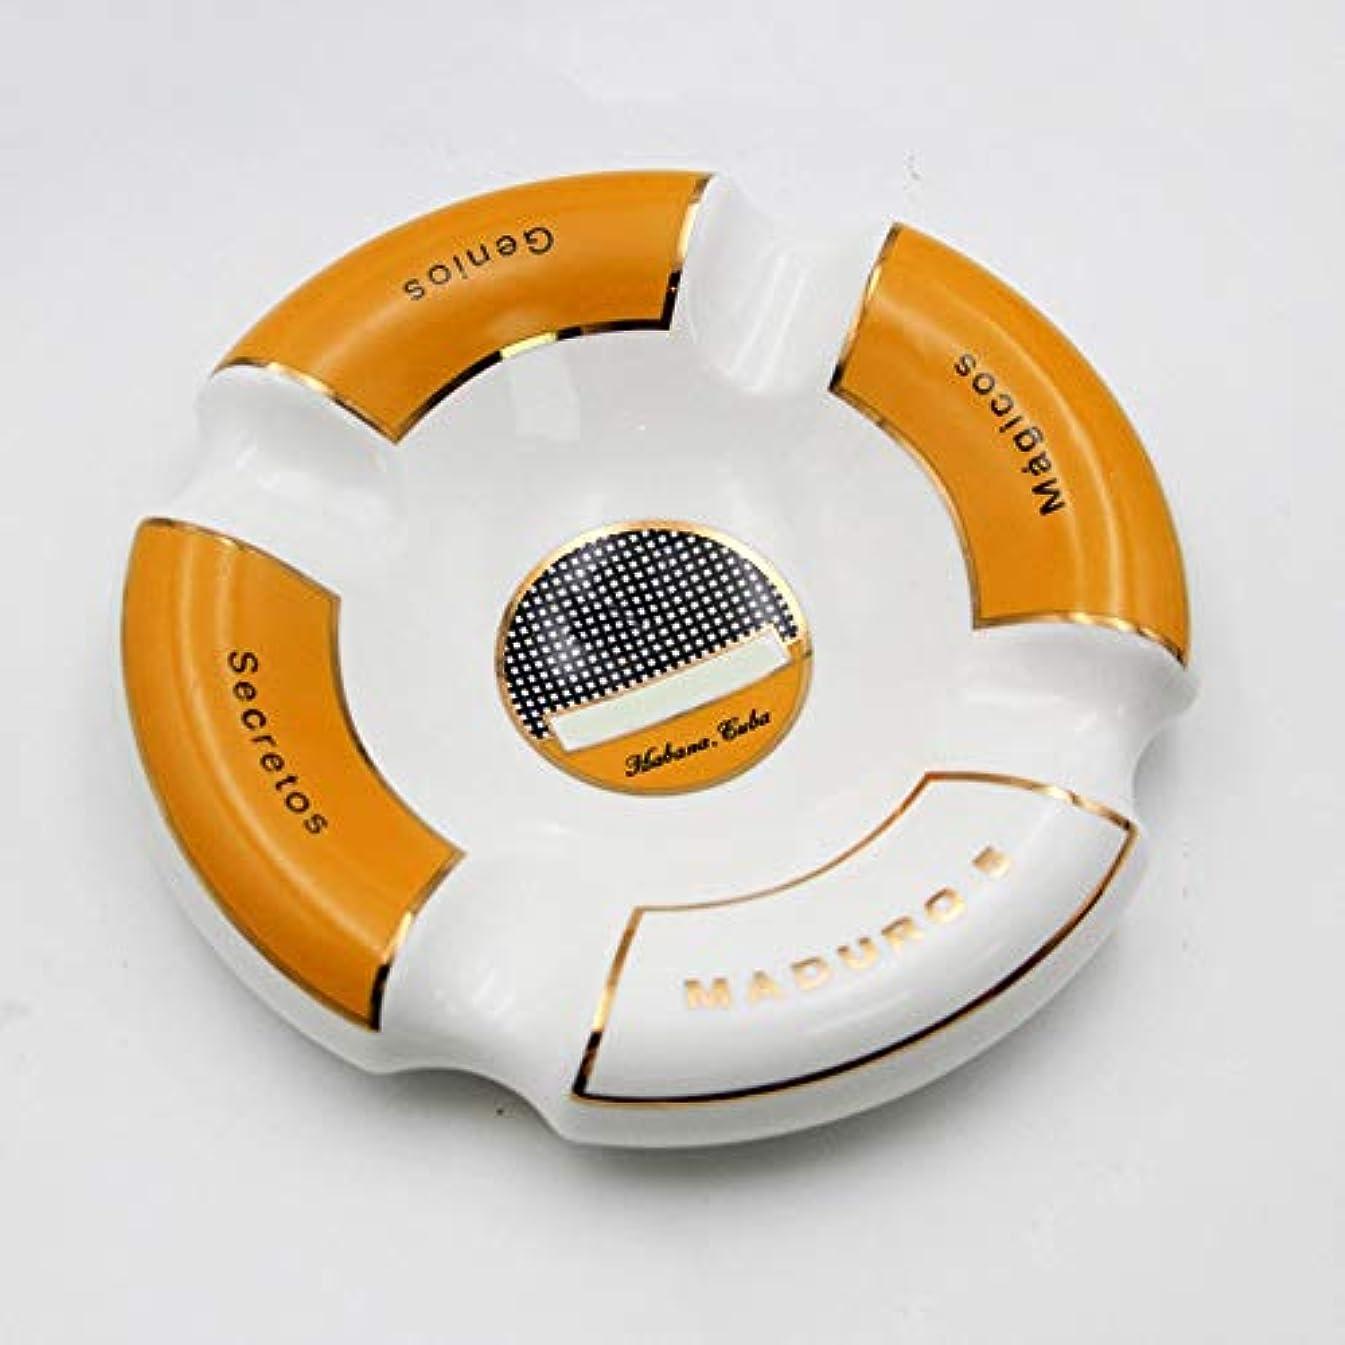 有効な聴衆ゼロタバコ、ギフトおよび総本店の装飾のための灰皿円形の光沢のあるセラミック灰皿